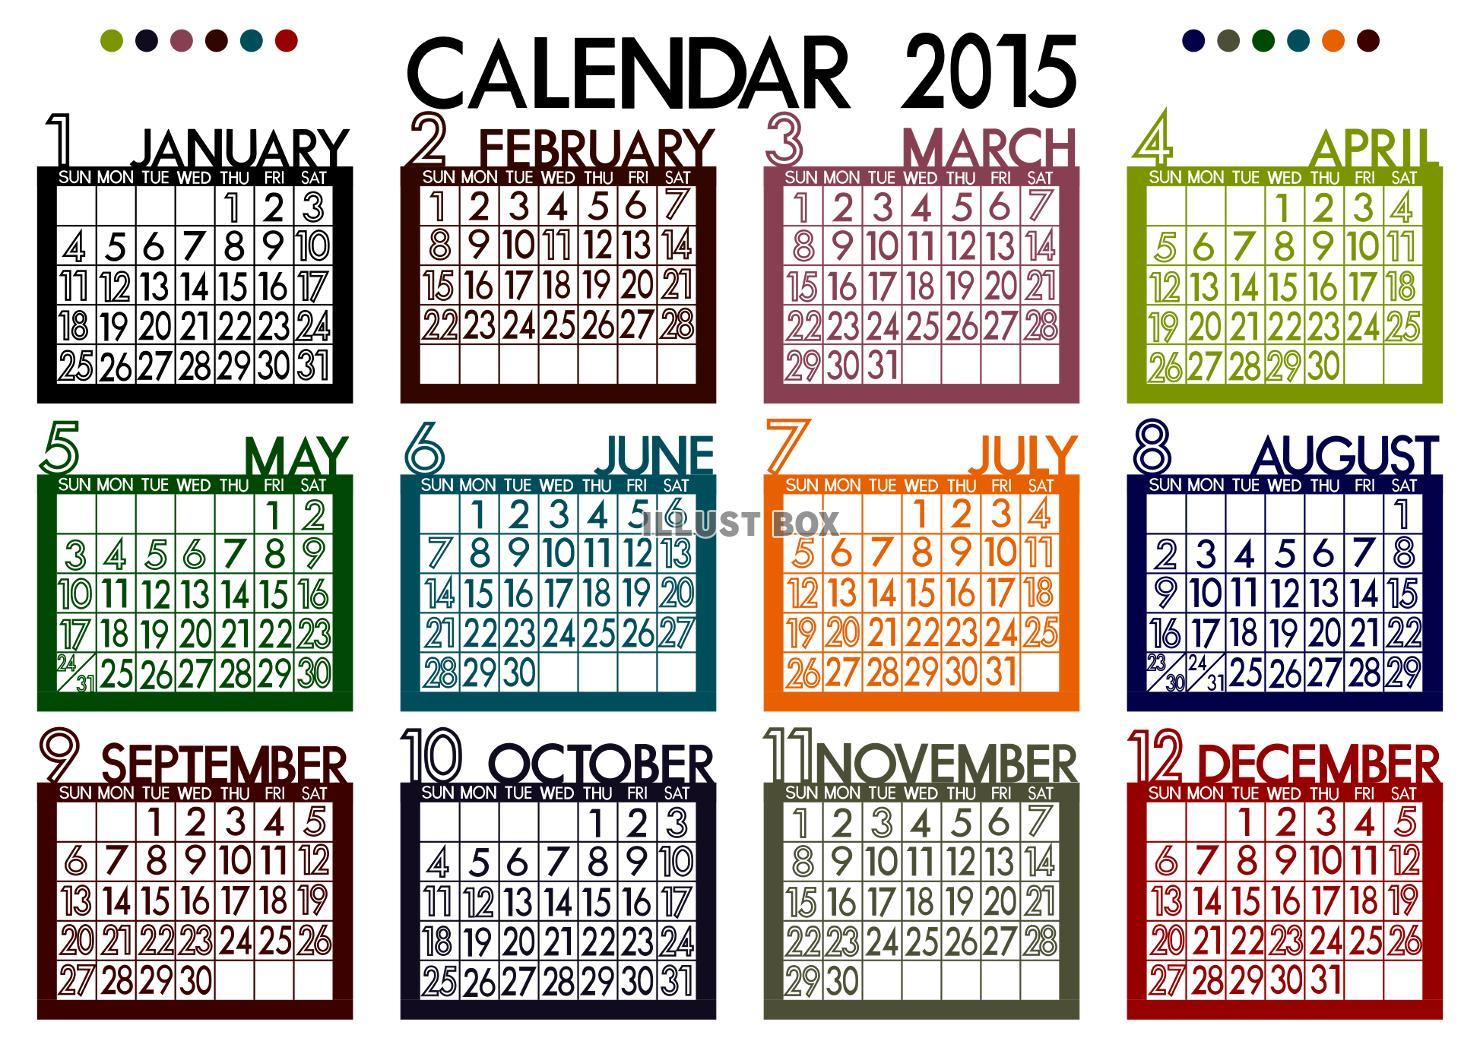 カレンダー カレンダー 2015年 無料 : 2015年カレンダーlenfriedオマンコ ...